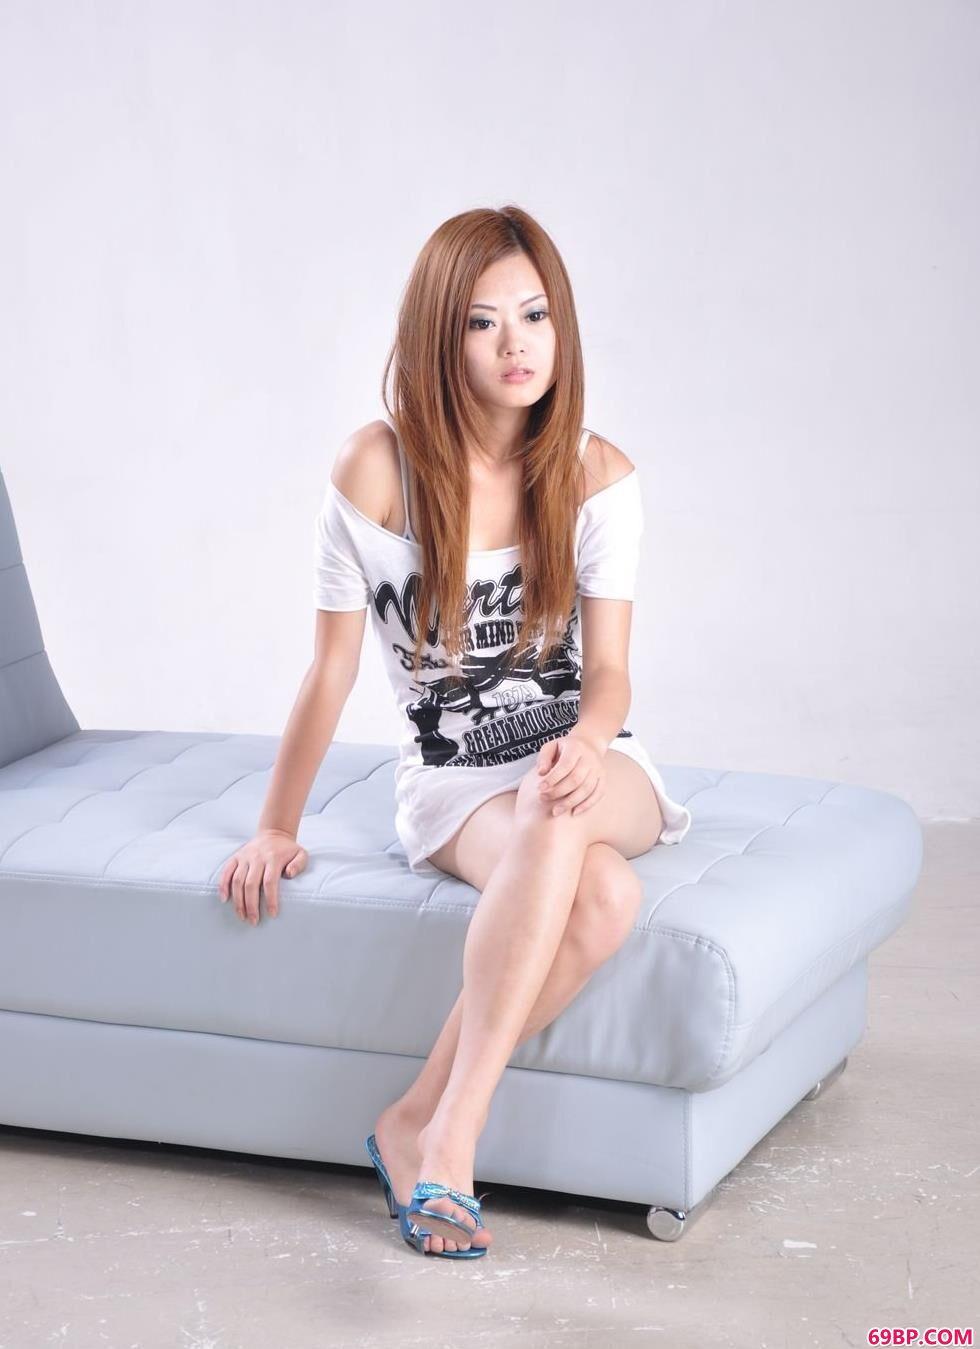 中国露脸偷拍vedio_名模小雅房间沙发上的清纯人体